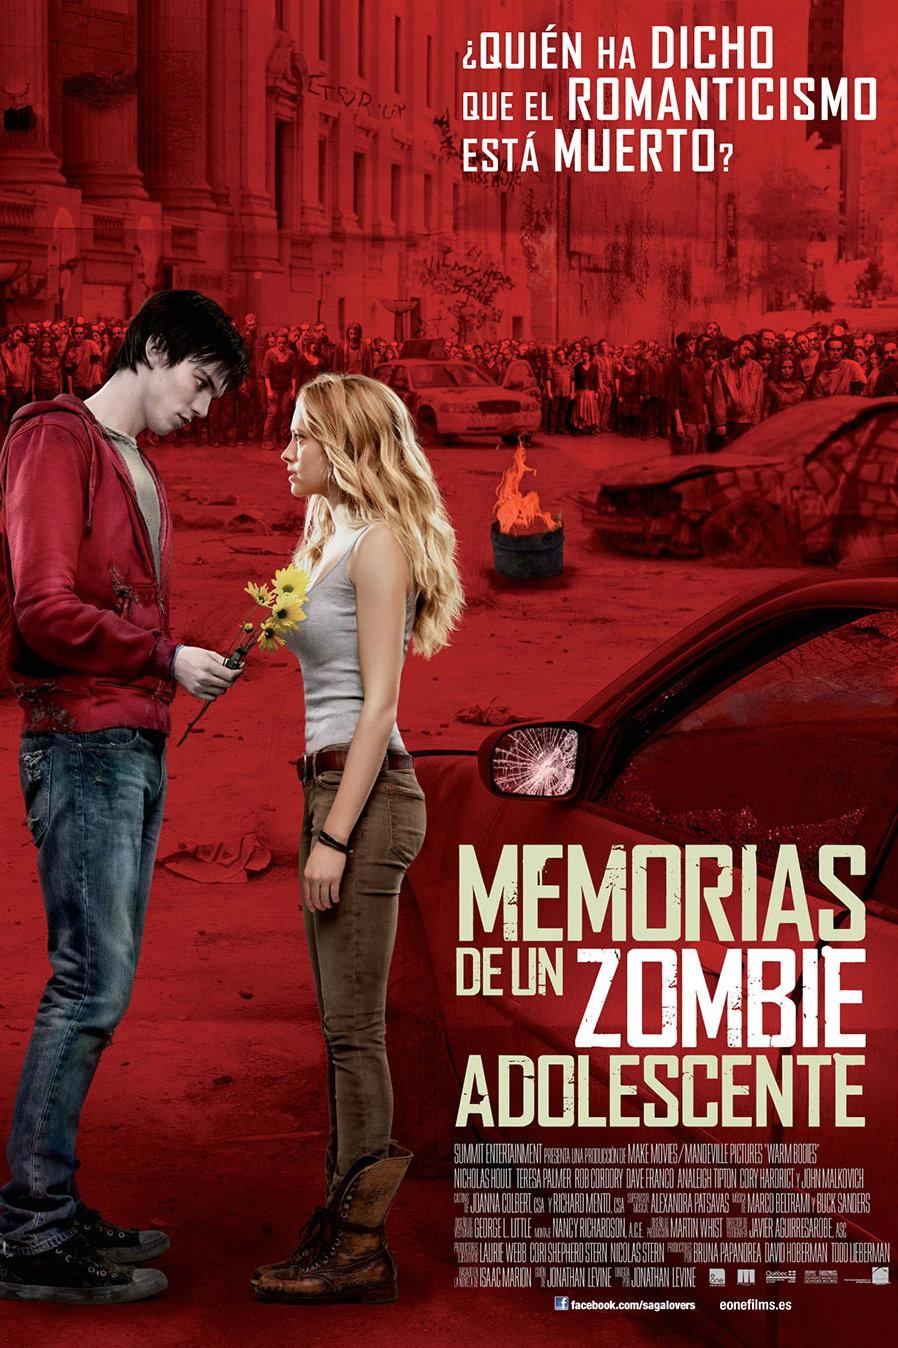 Zombie Adolescente